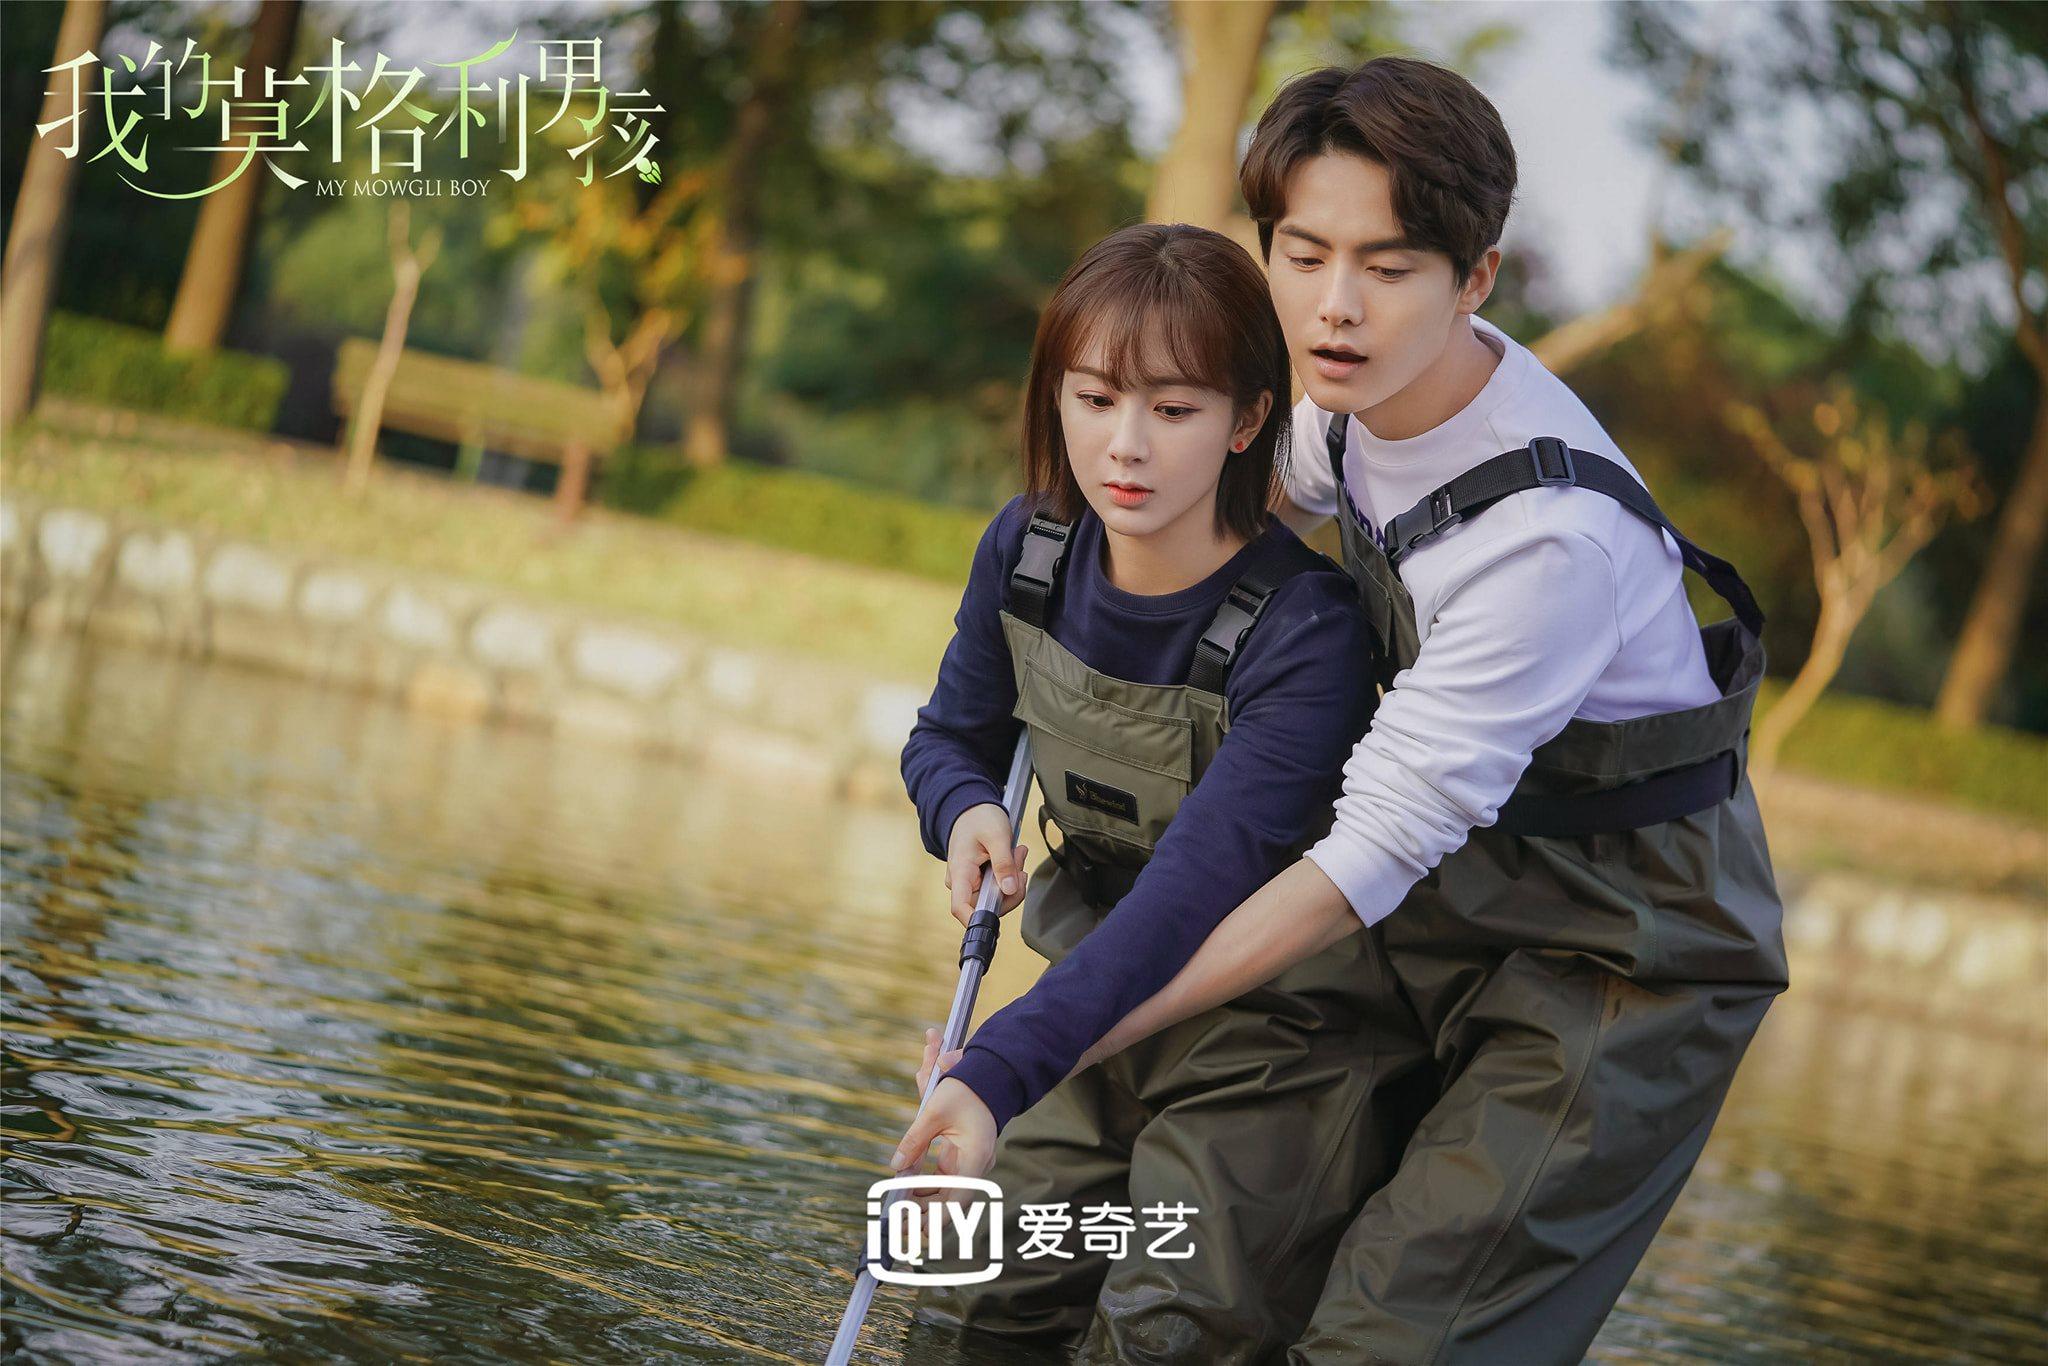 'Chàng trai Mặc Cách Ly của tôi' tung trailer hài hước, Dương Tử - Mã Thiên Vũ đẹp đôi 10